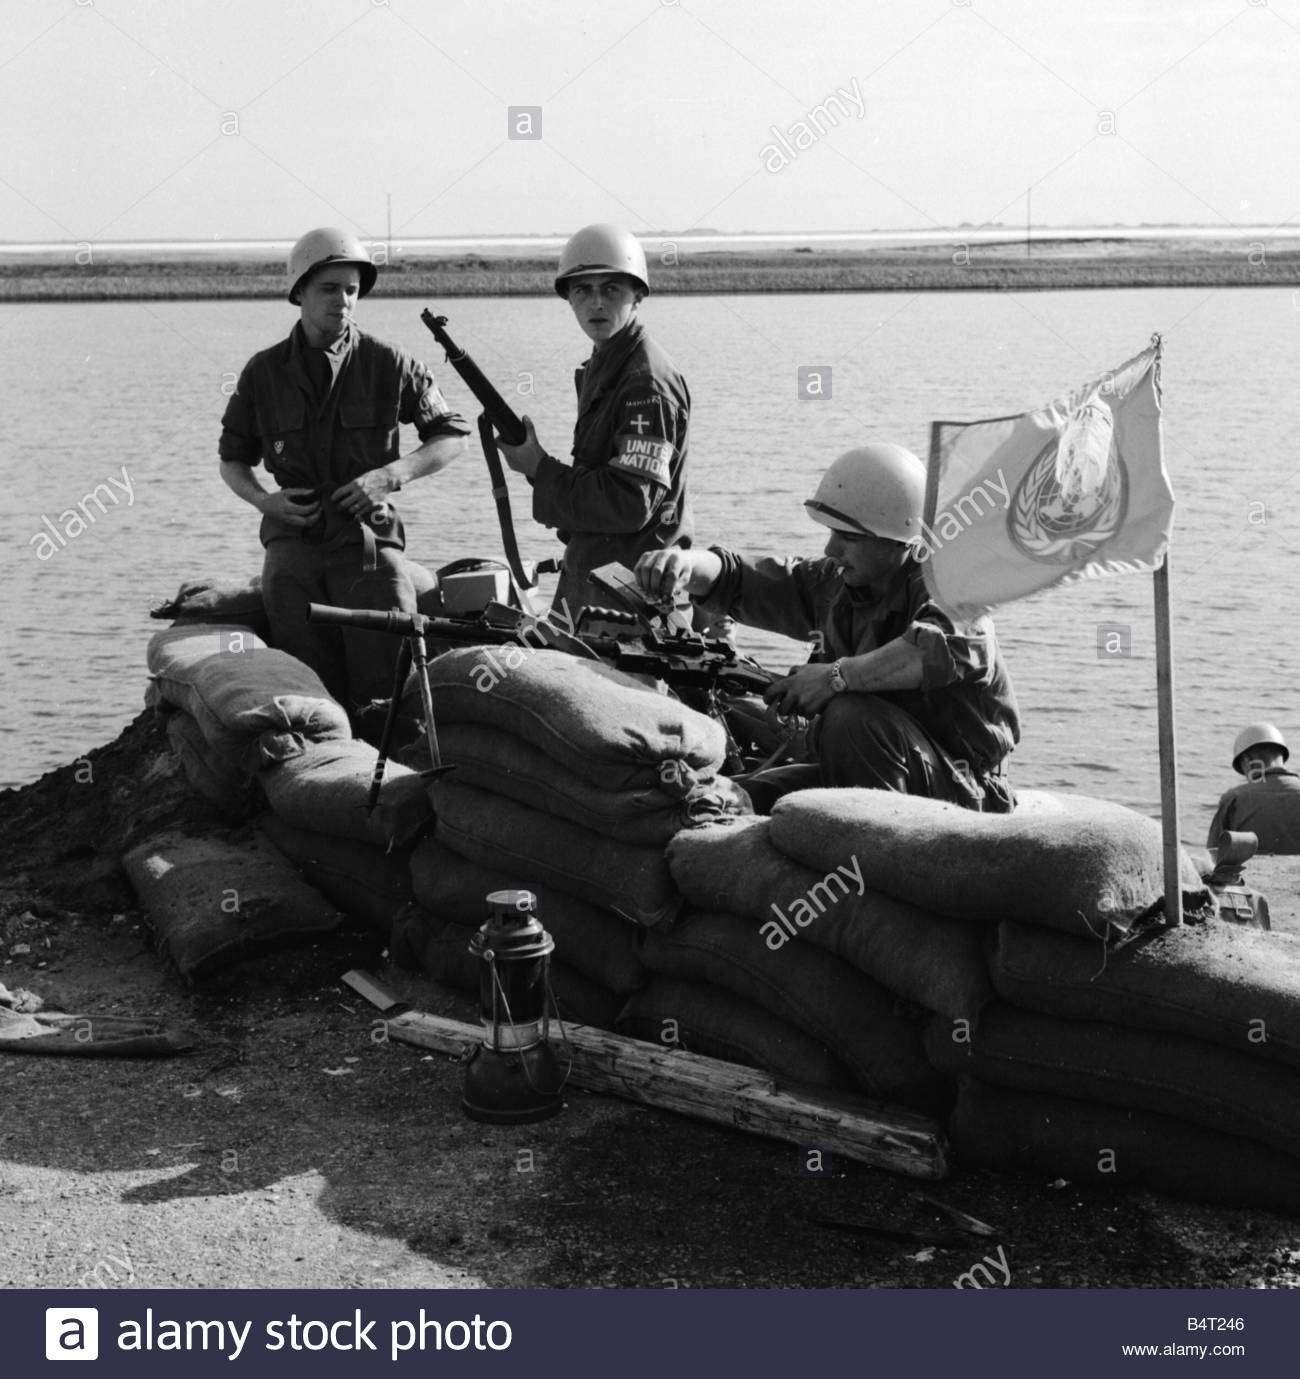 Δανέζικα στρατεύματα της δύναμης του ΟΗΕ οχυρώνονται ανάμεσα στις αιγυπτιακές και τις βρετανικές δυνάμεις